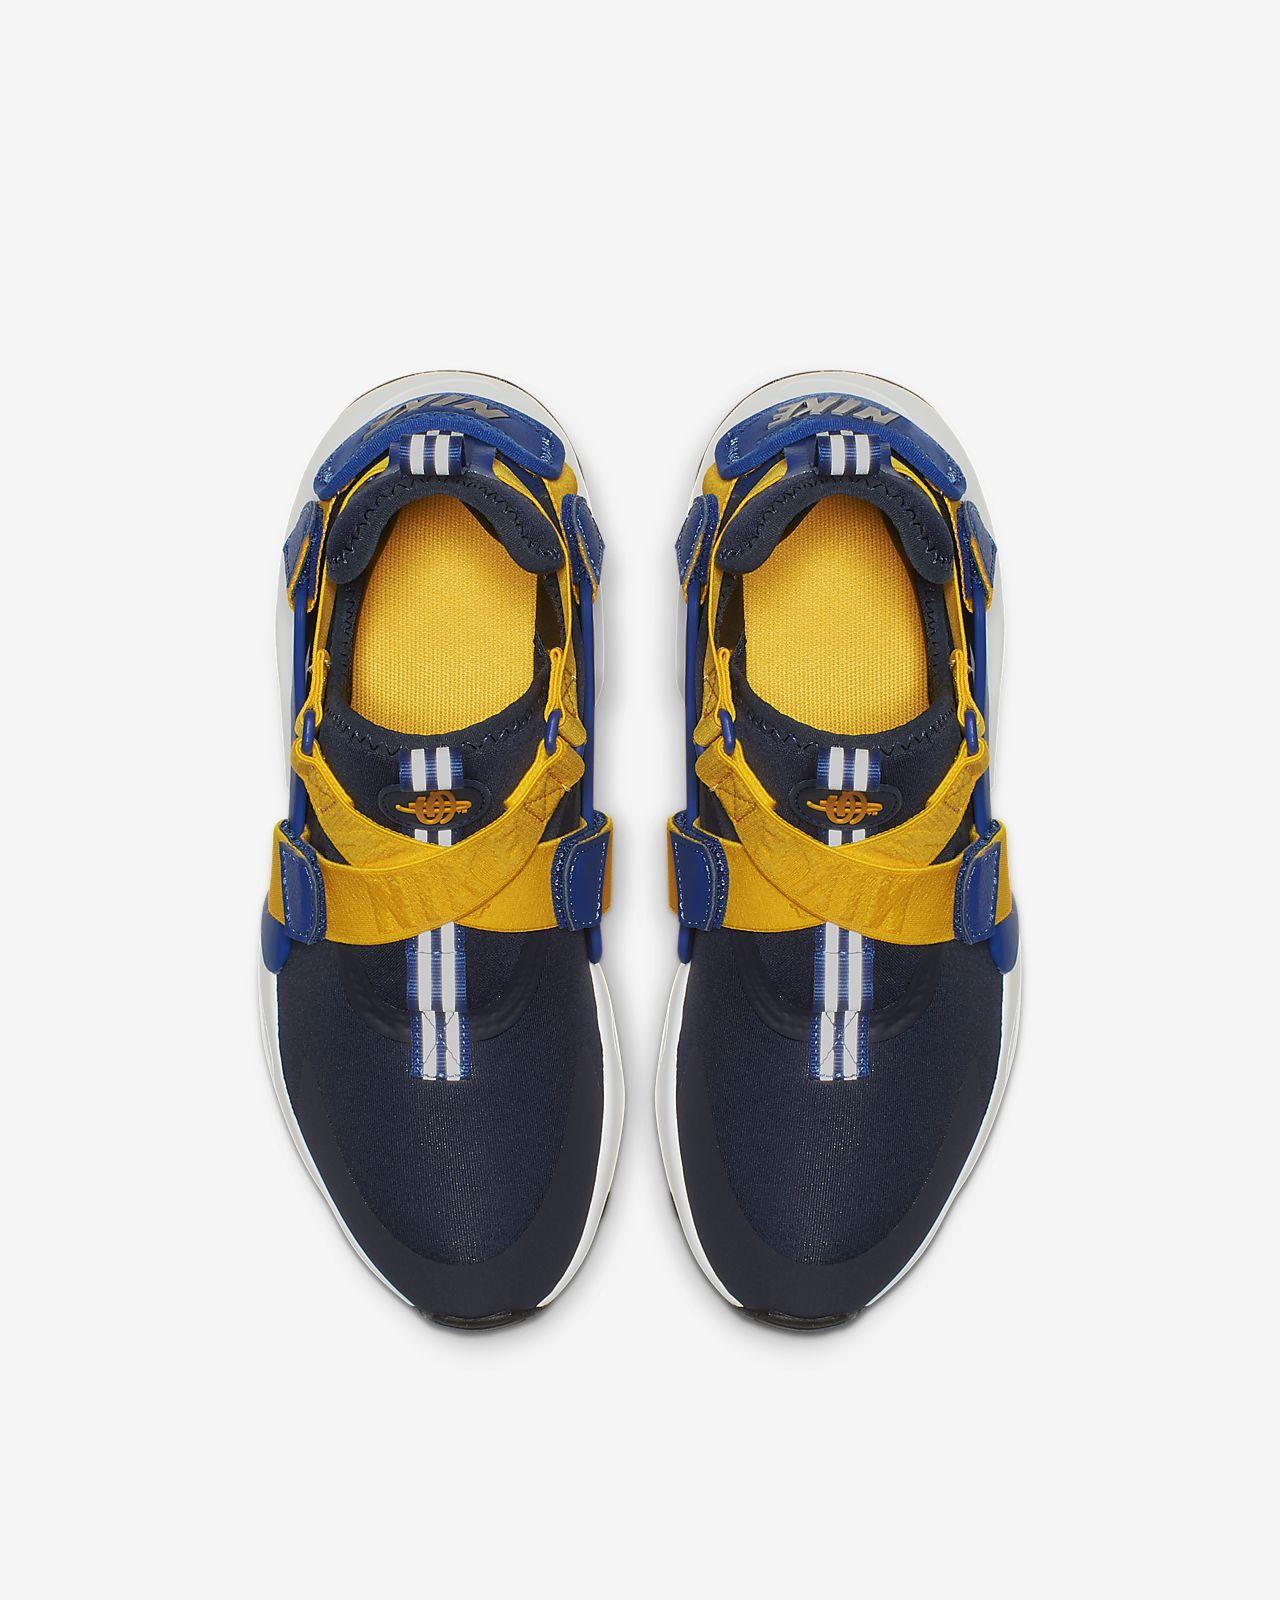 timeless design 59aa6 e9819 ... Nike Huarache City Big Kids  Shoe